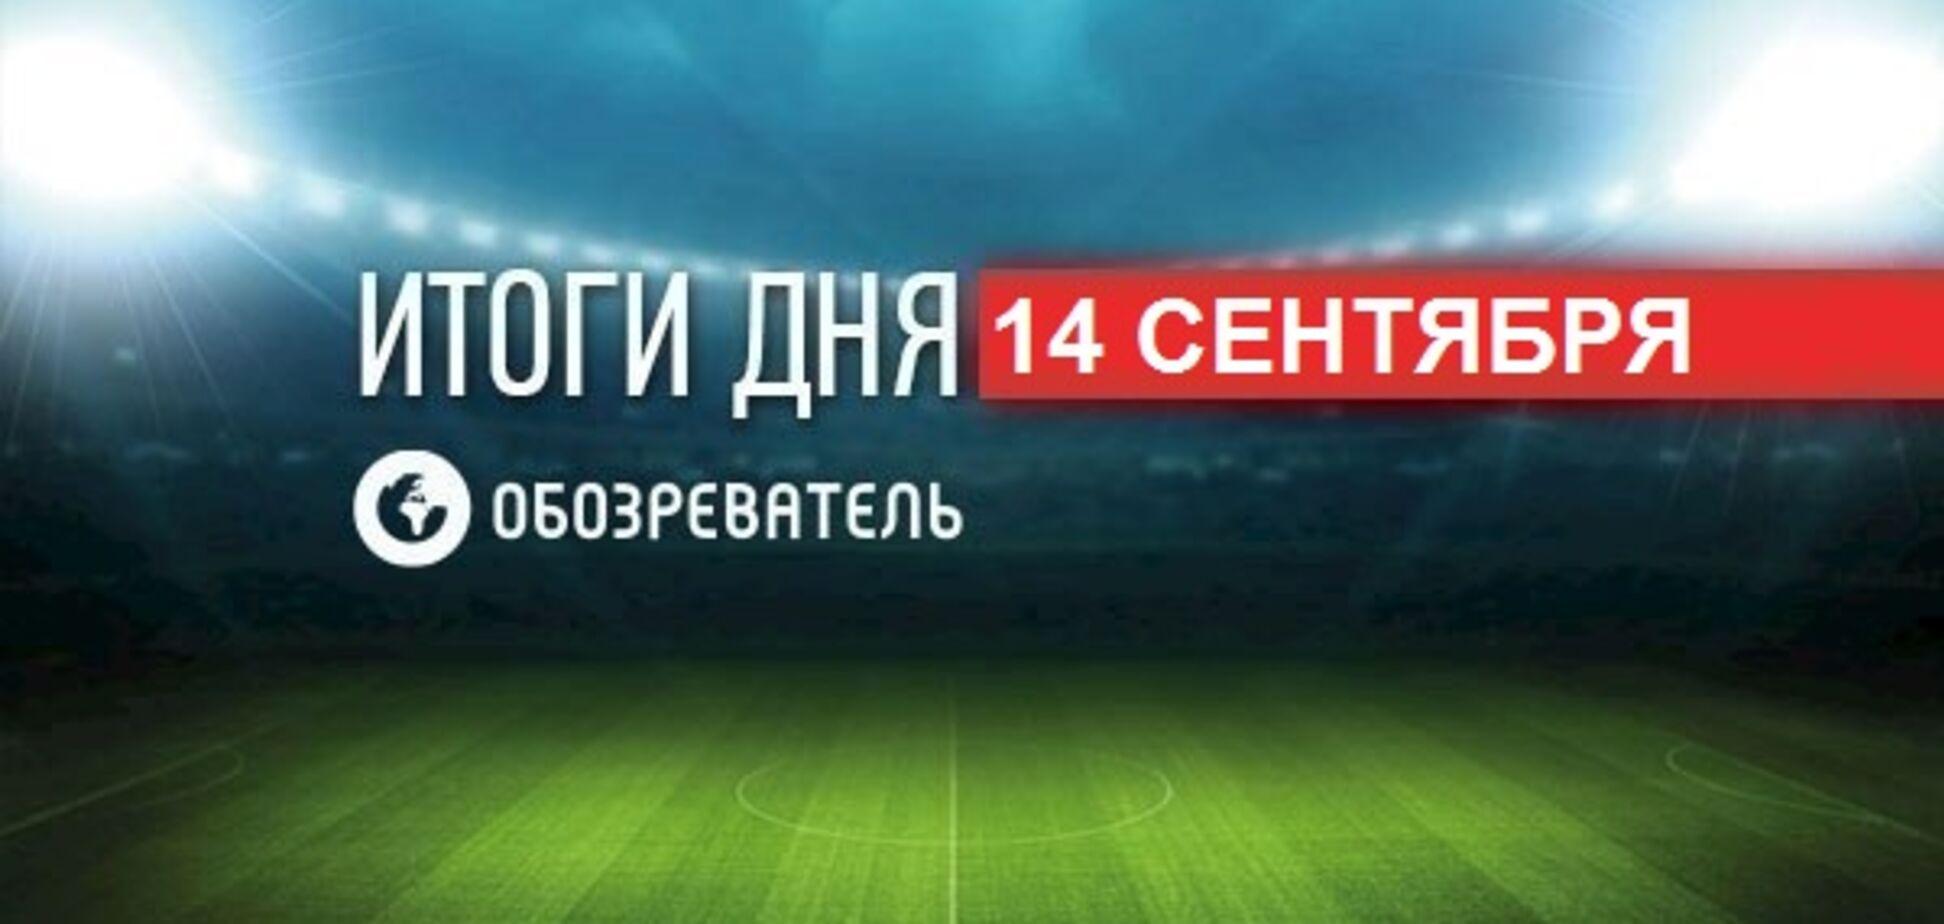 Російські фанати влаштували безчинства на матчі Ліги чемпіонів: спортивні підсумки 14 вересня